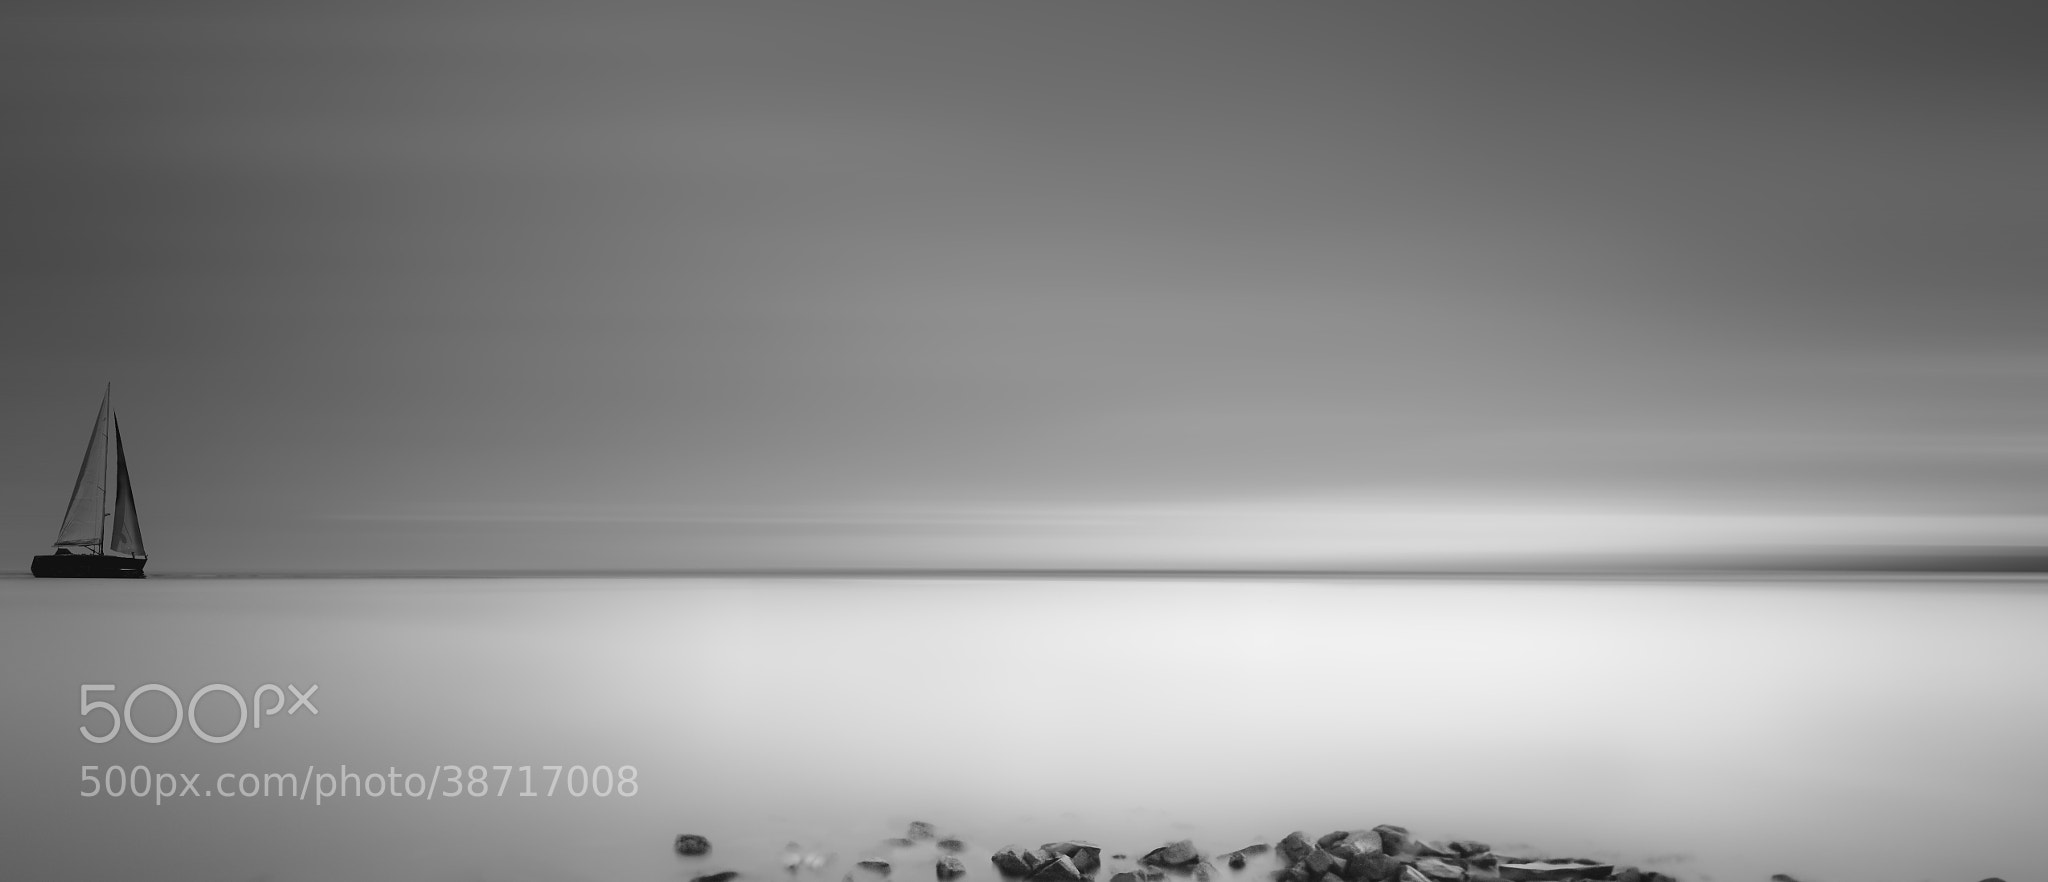 Photograph Sail by Kerim Hadzi on 500px